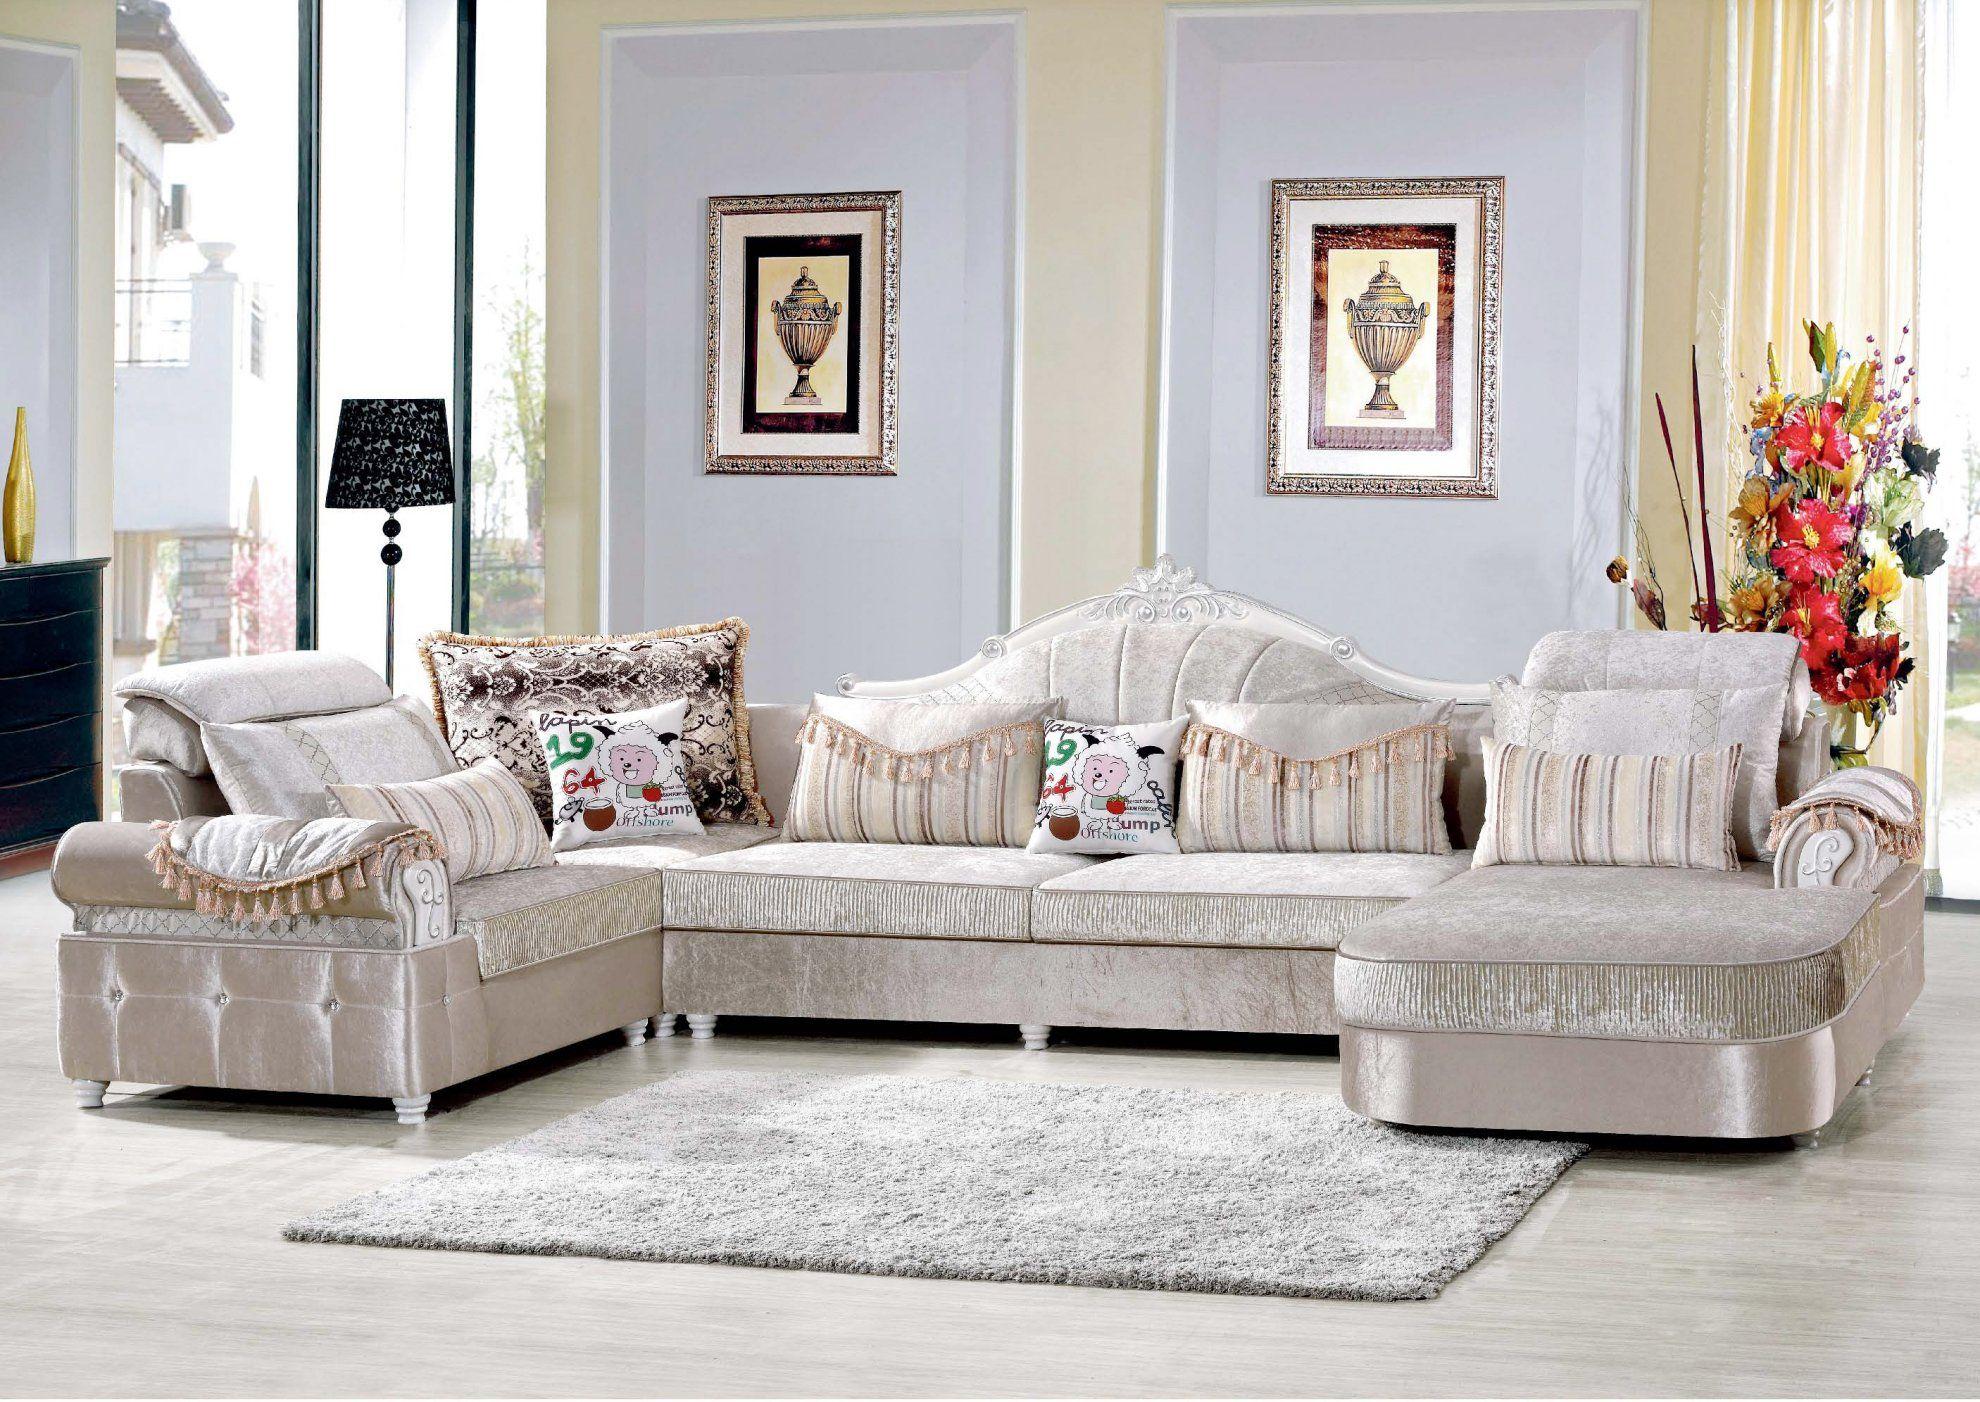 灰色沙发搭配沙发垫_2018年新款沙发效果图_2018新款沙发垫图库 - 随意贴